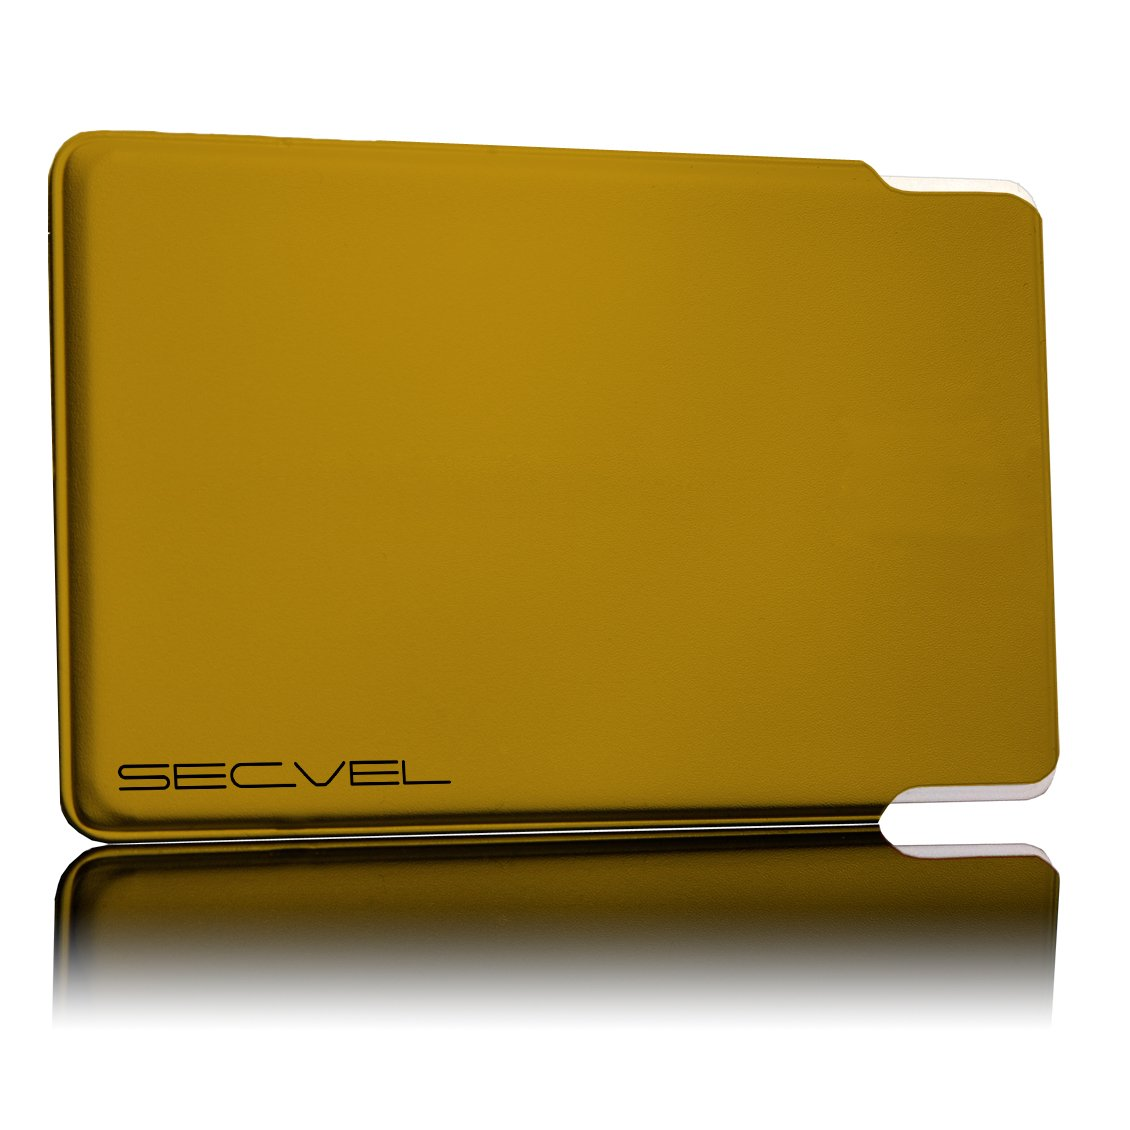 SECVEL dieNEUE und VERBESSERTE Kartenschutzhülle Young Style - RFID/NFC & Magnetfeld Schutz - Portofino SECVEL Technologies GmbH